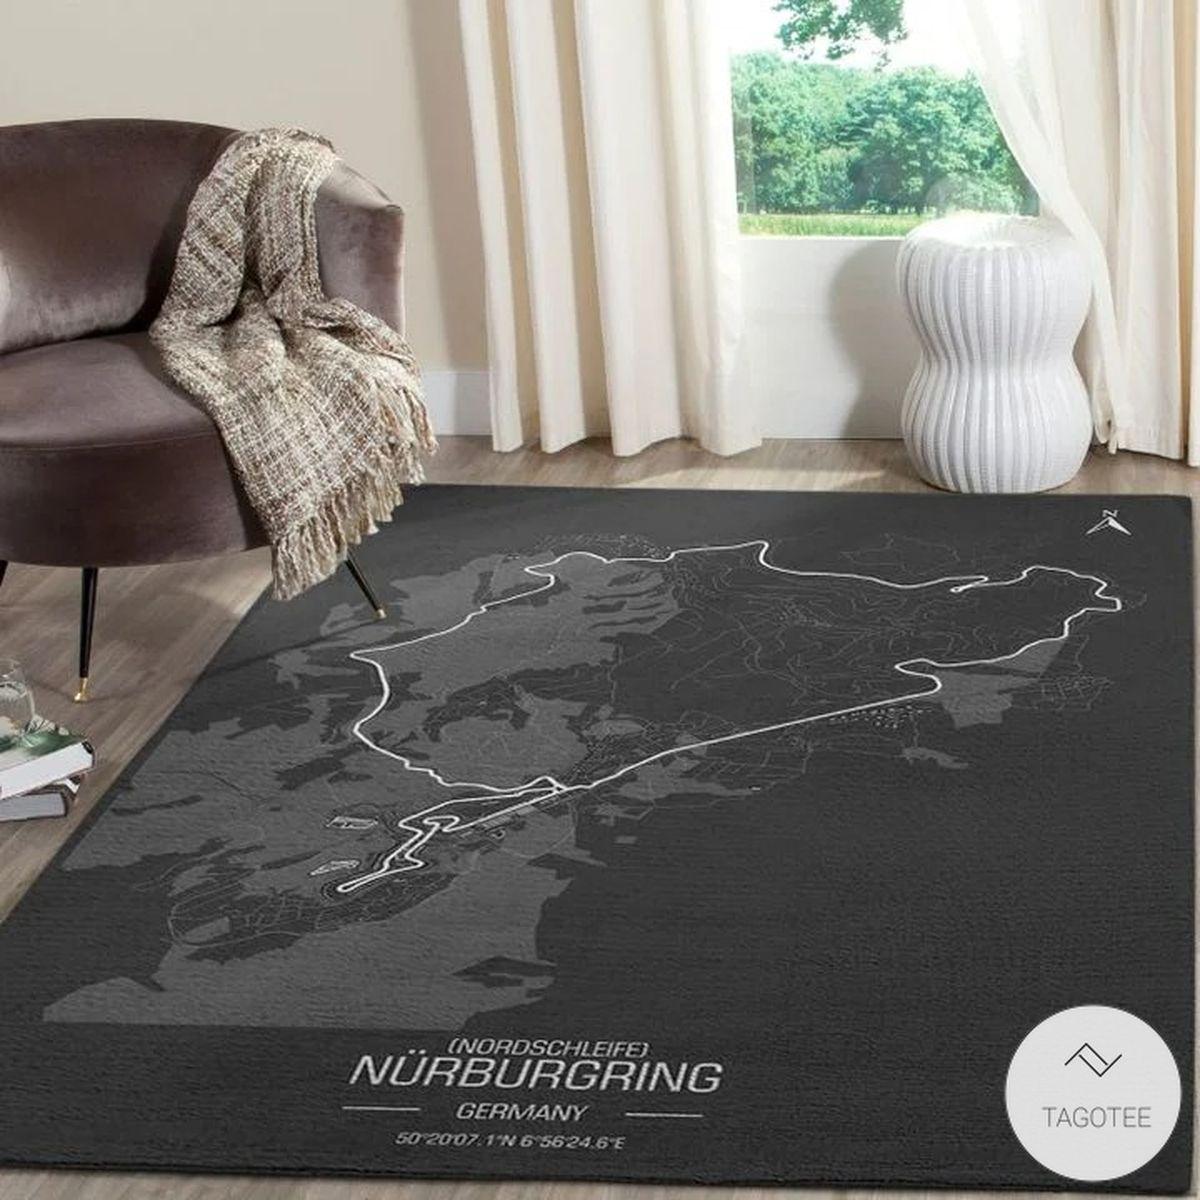 Nürburgring Germany F1 Circuit Map Rugz